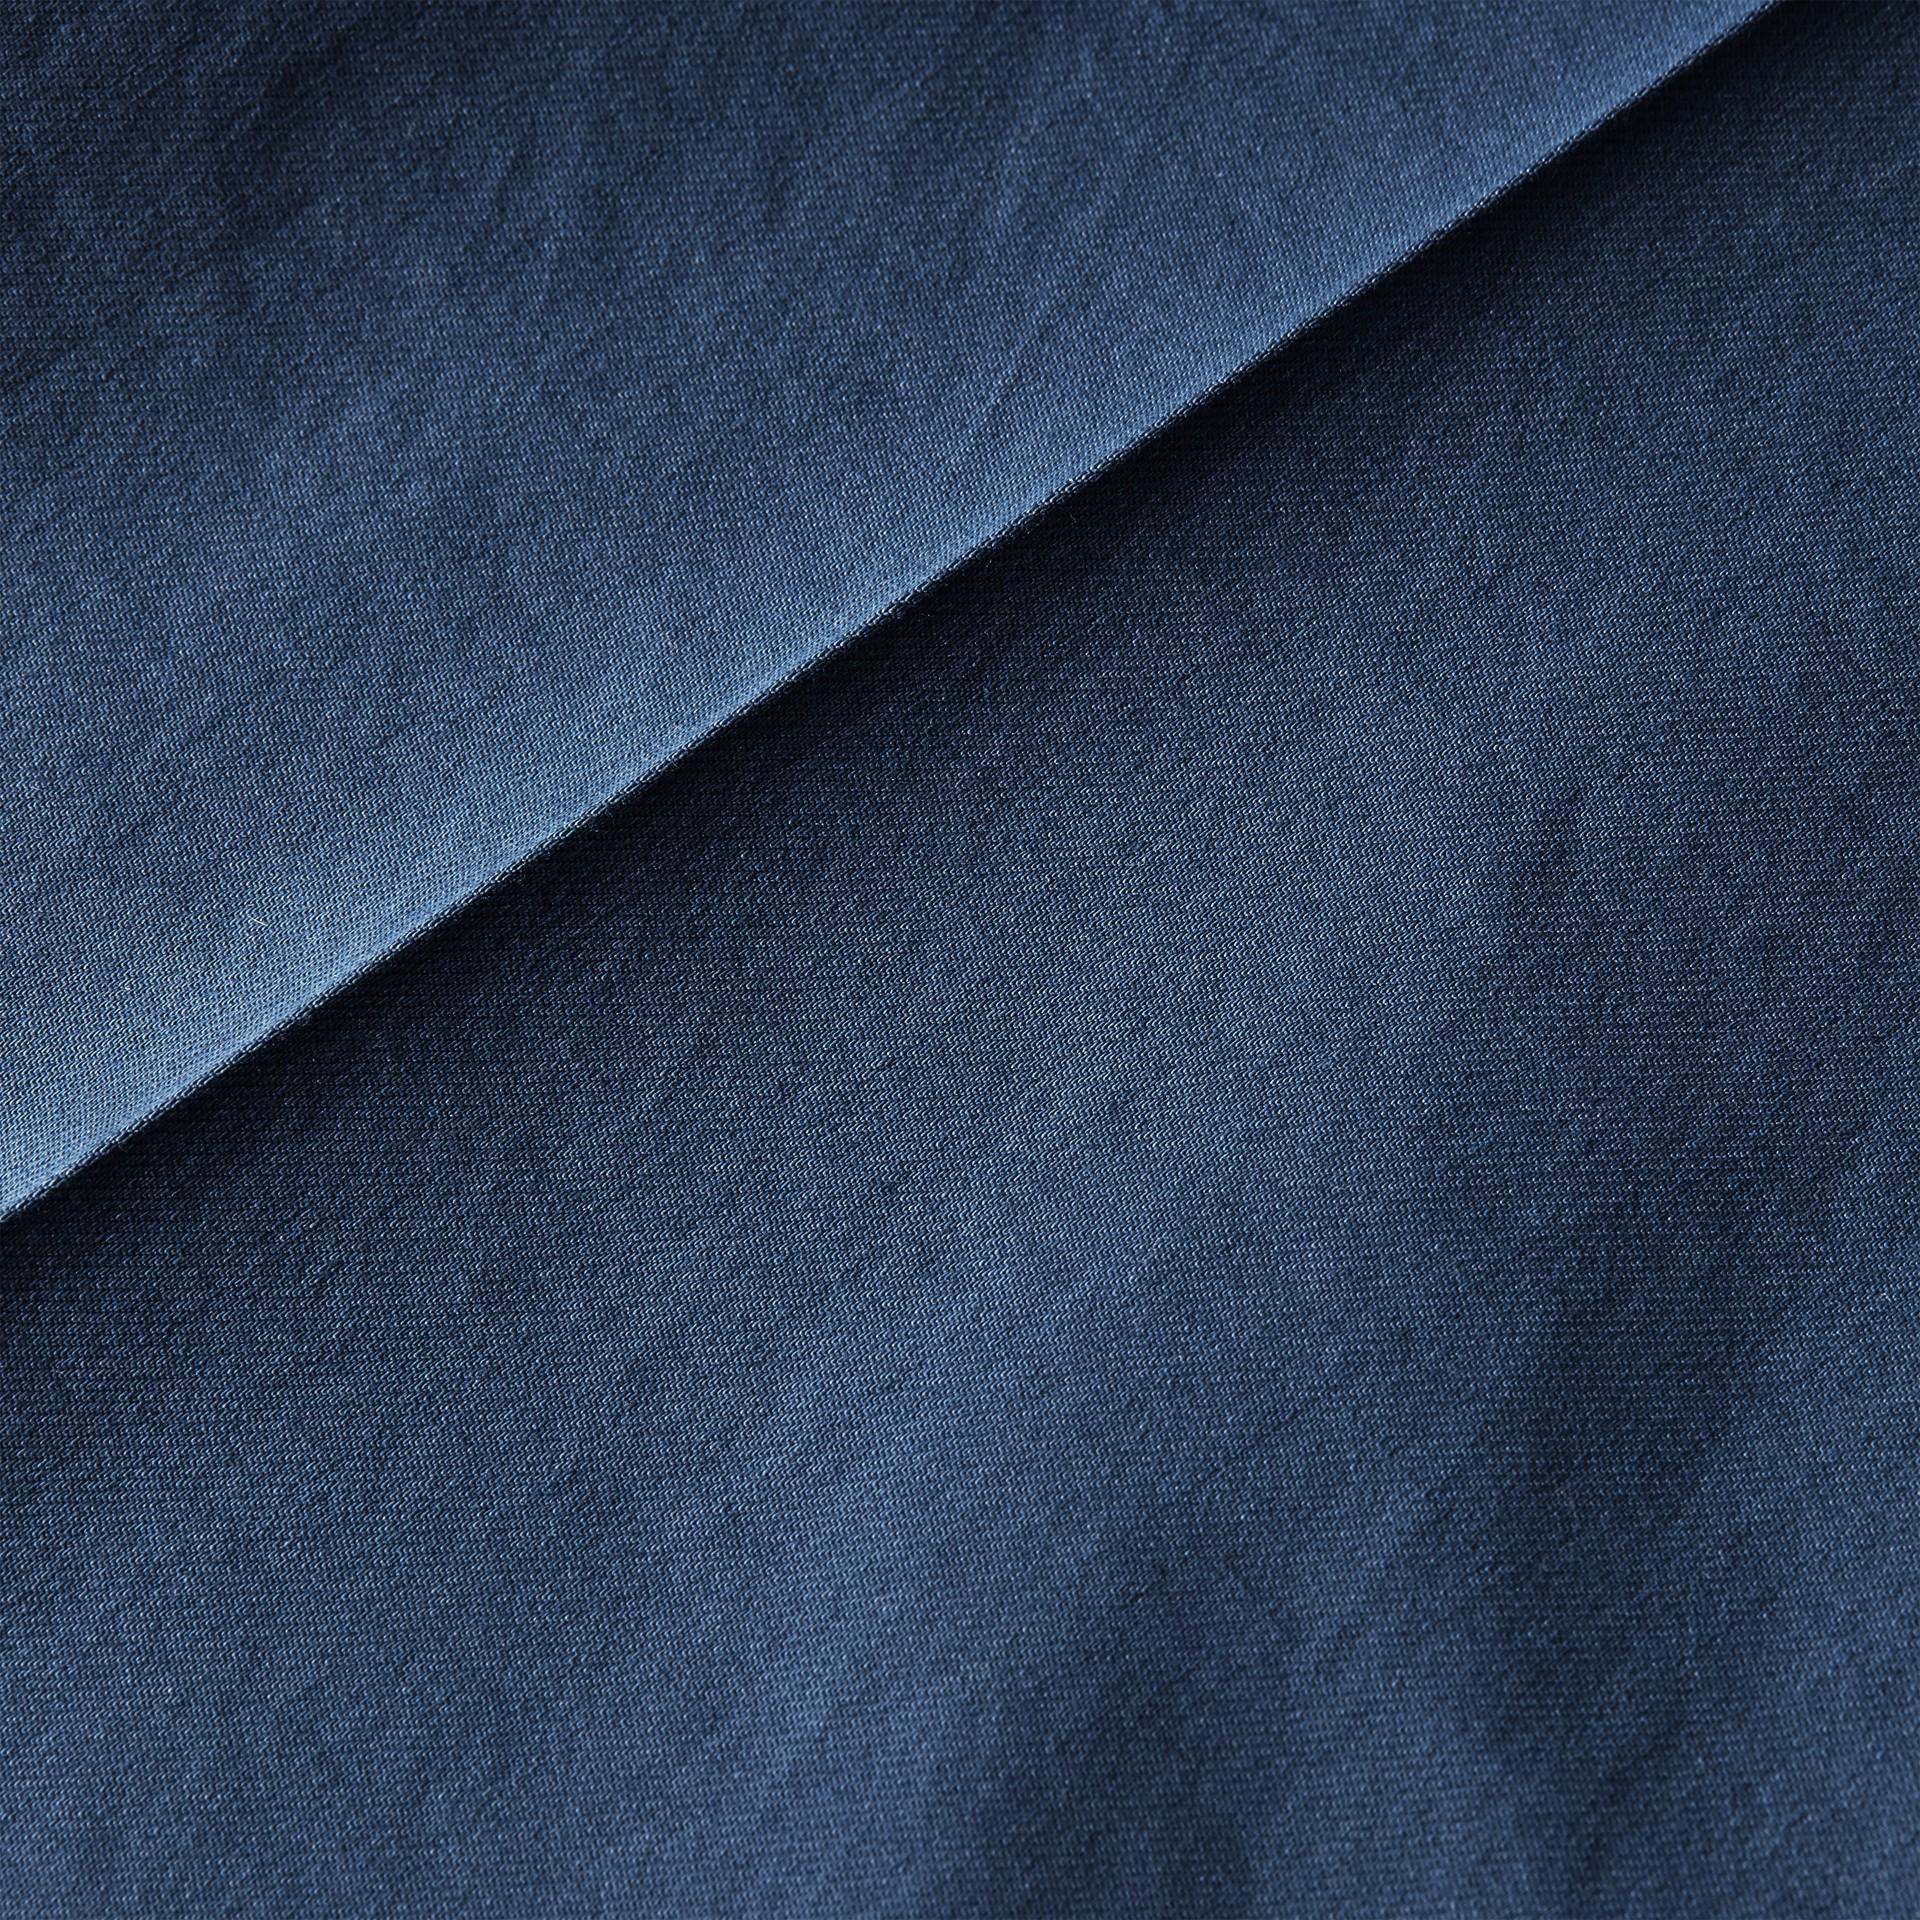 Яркий голубовато-стальной Узкие брюки из эластичной ткани Яркий Голубовато-стальной - изображение 2